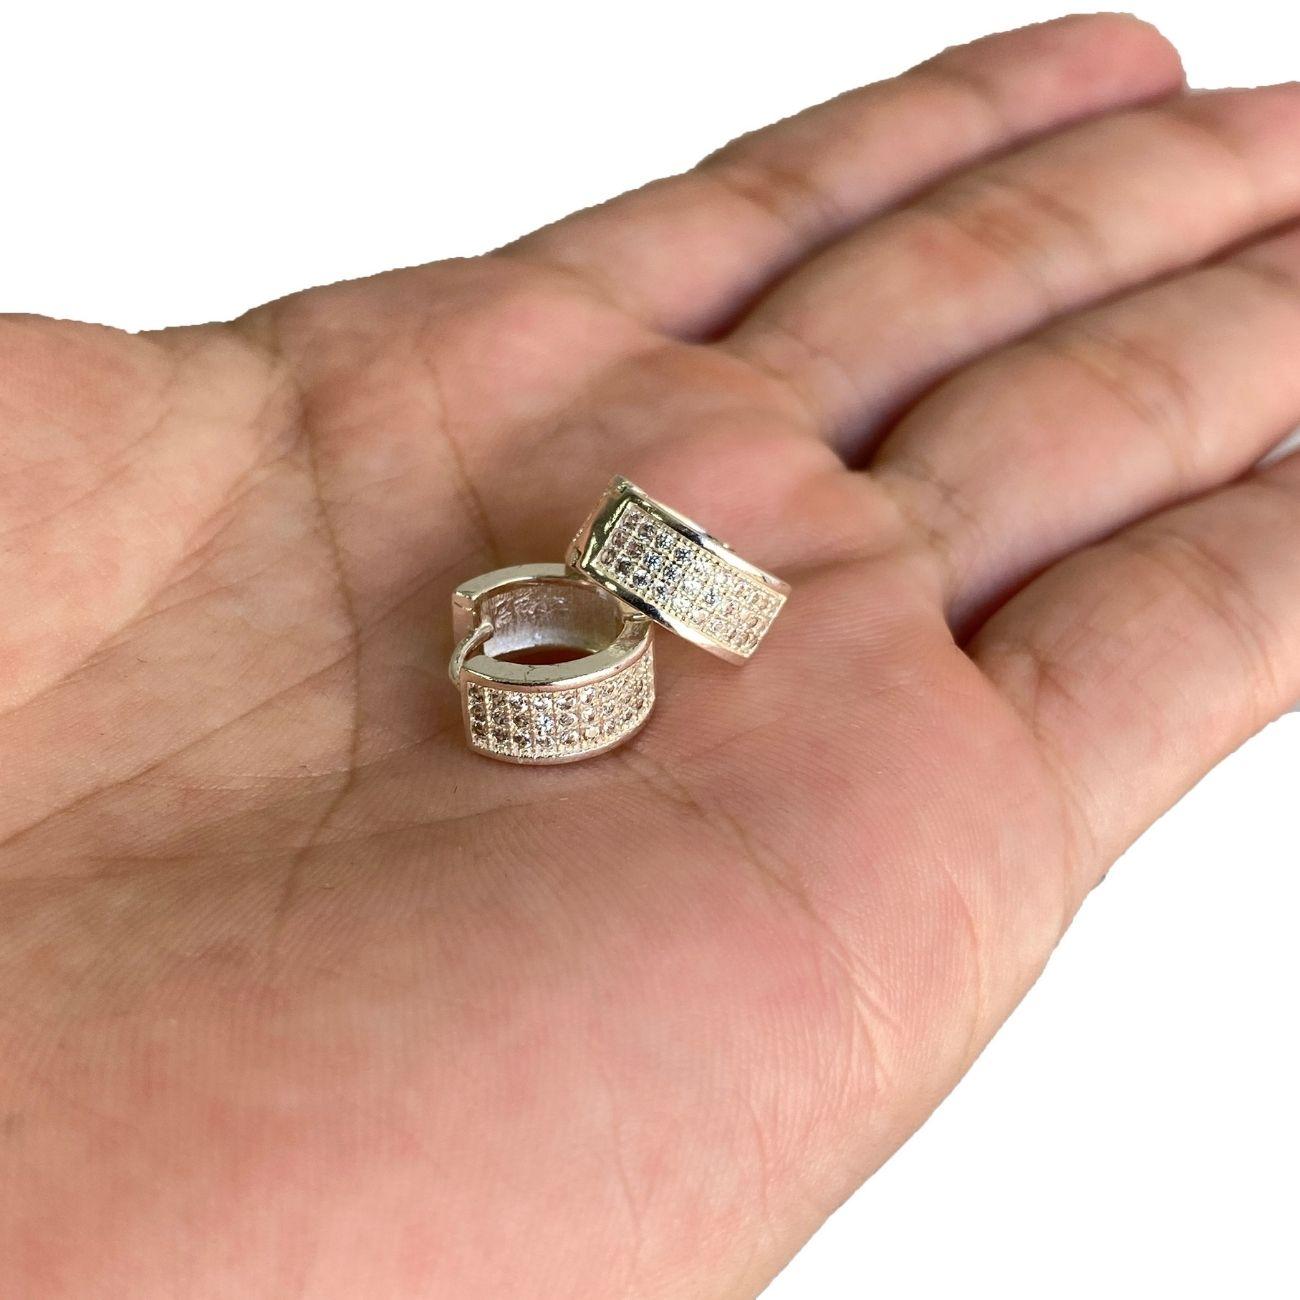 Brinco Argola Chapado Cravejado em Zircônia 30 Pedras (Banho Prata 925)